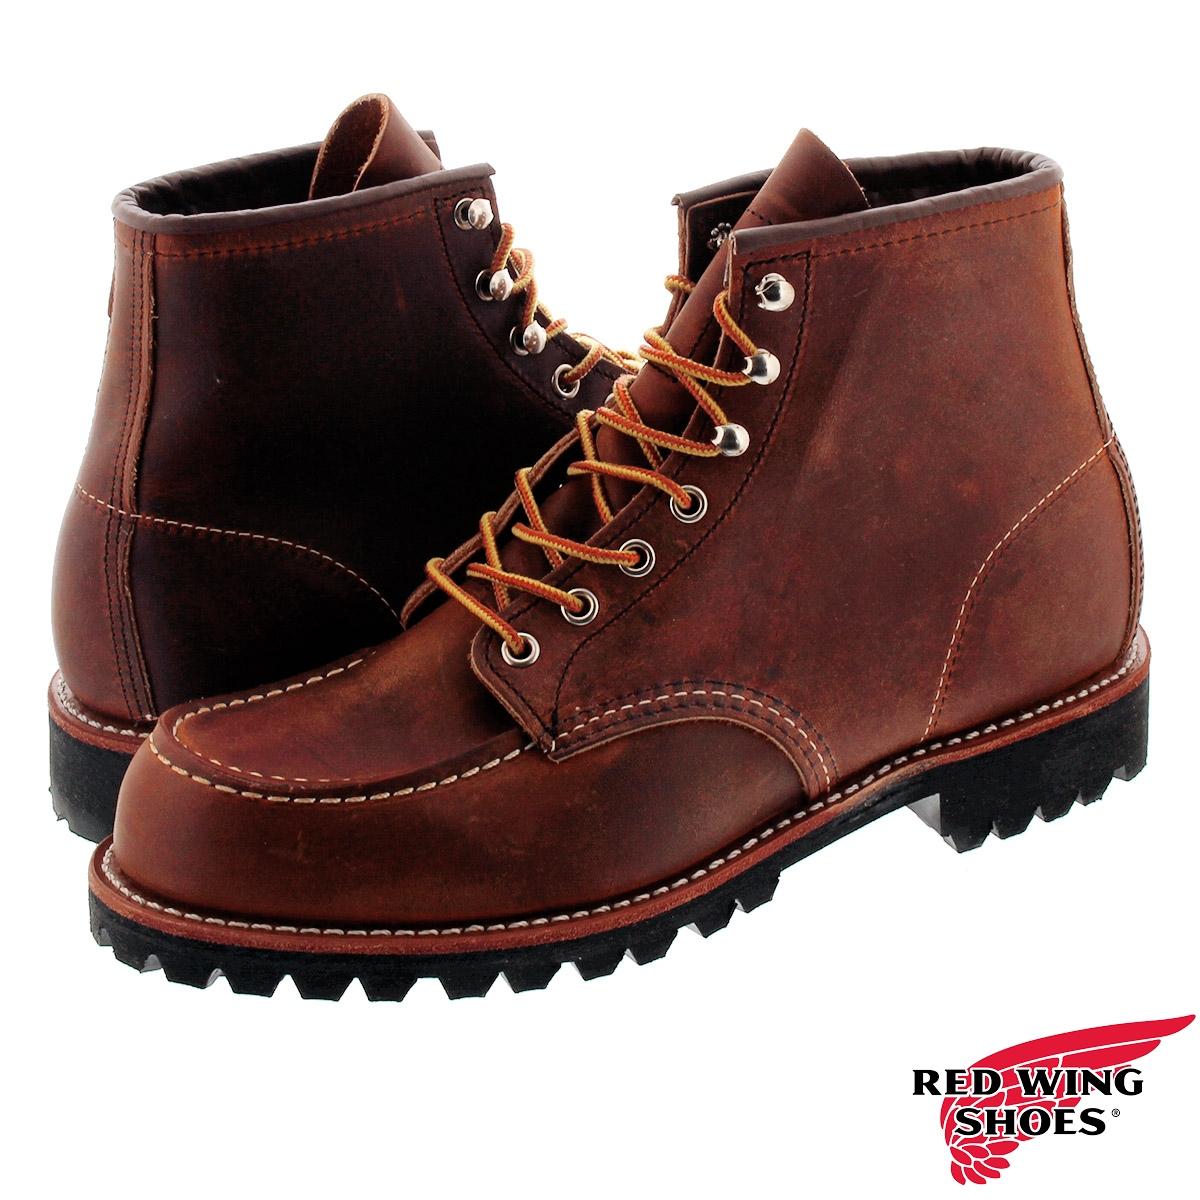 【ビッグ・スモールサイズ】 RED WING ROUGHNECK 6-INCH BOOT レッドウィング ラフネック 6 インチ ブーツ BROWN rw-2942